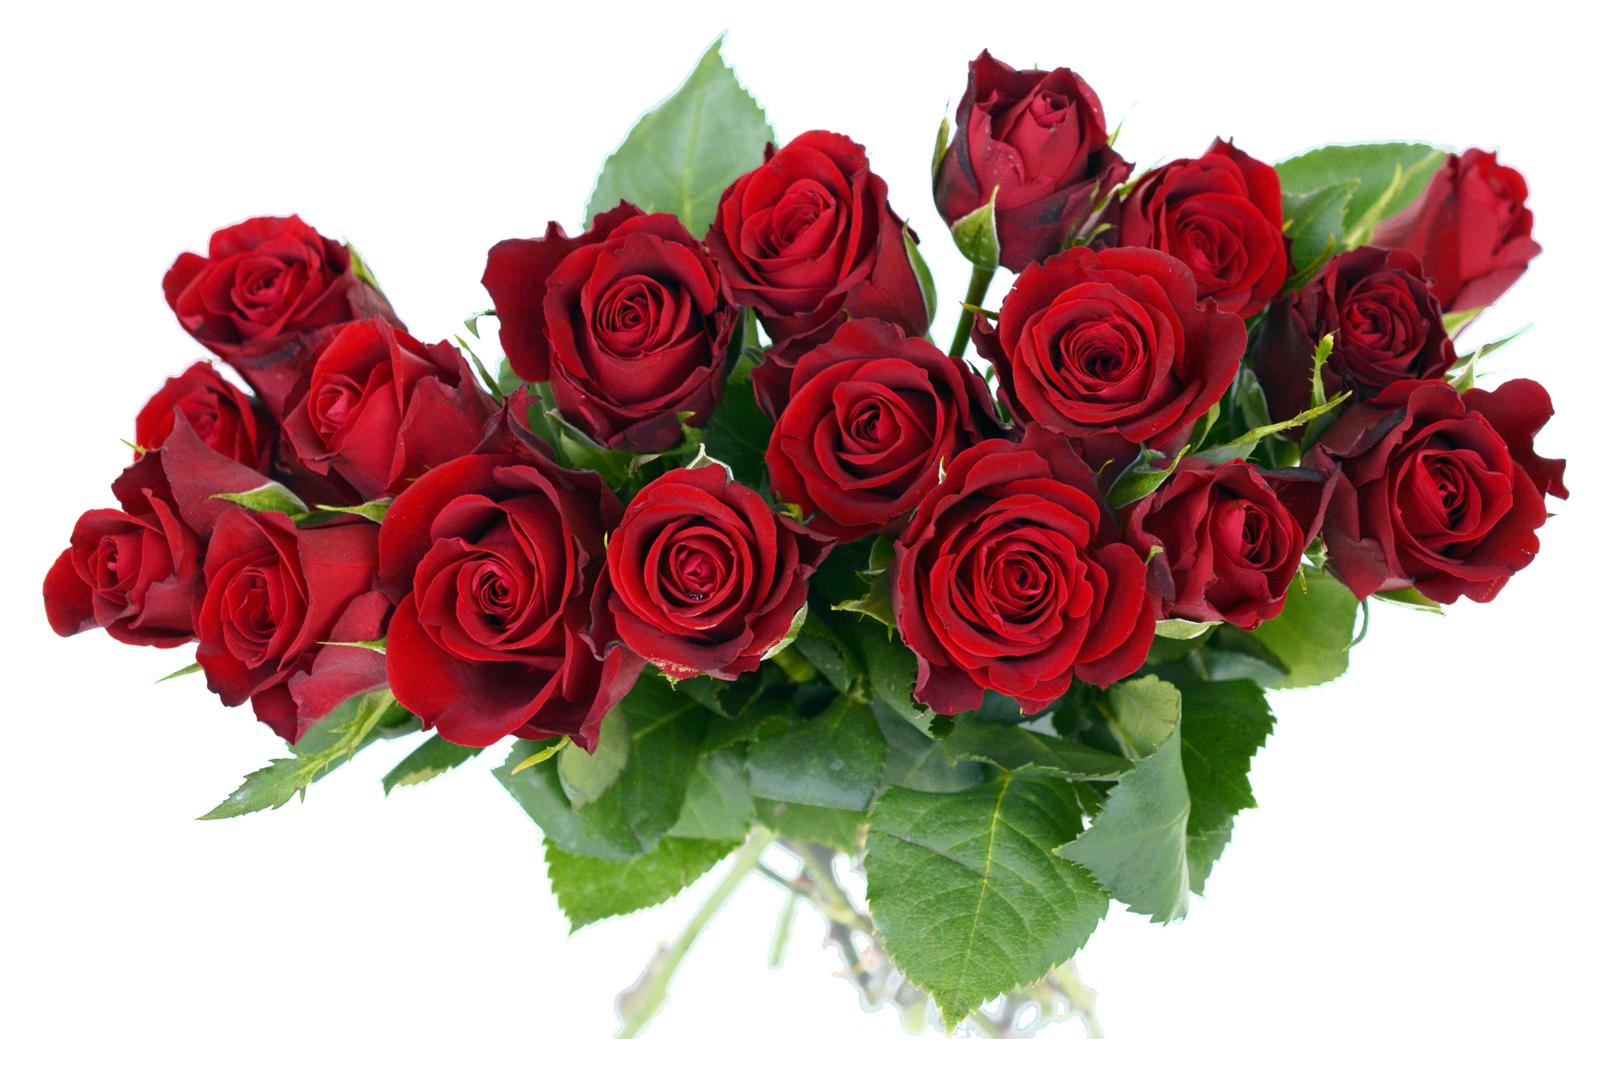 Rose Bouquet PNG Image - PurePNG   Free transparent CC0 ...